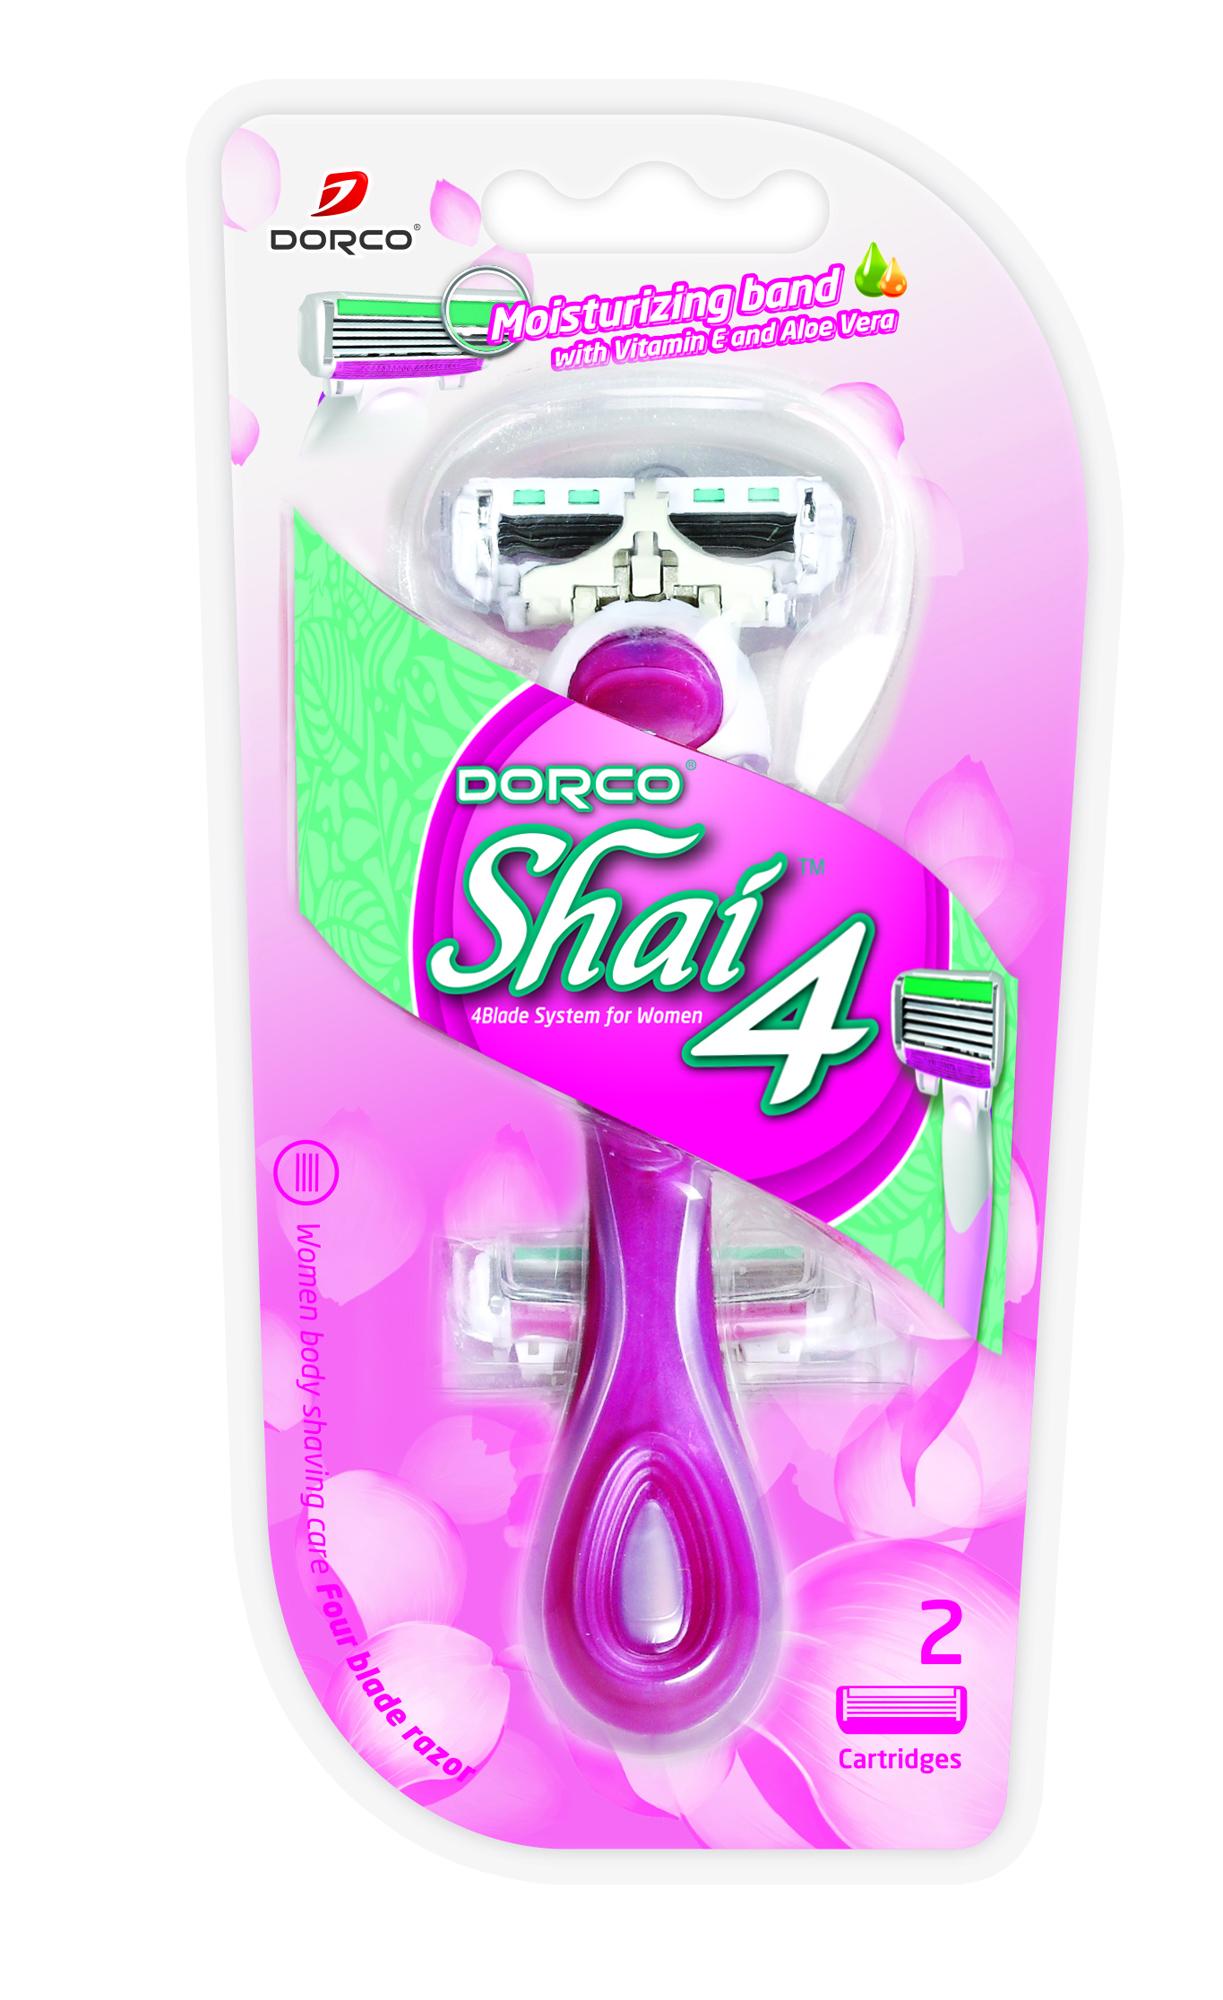 Станок для бритья со сменными кассетами Dorco Razors Shai 4.